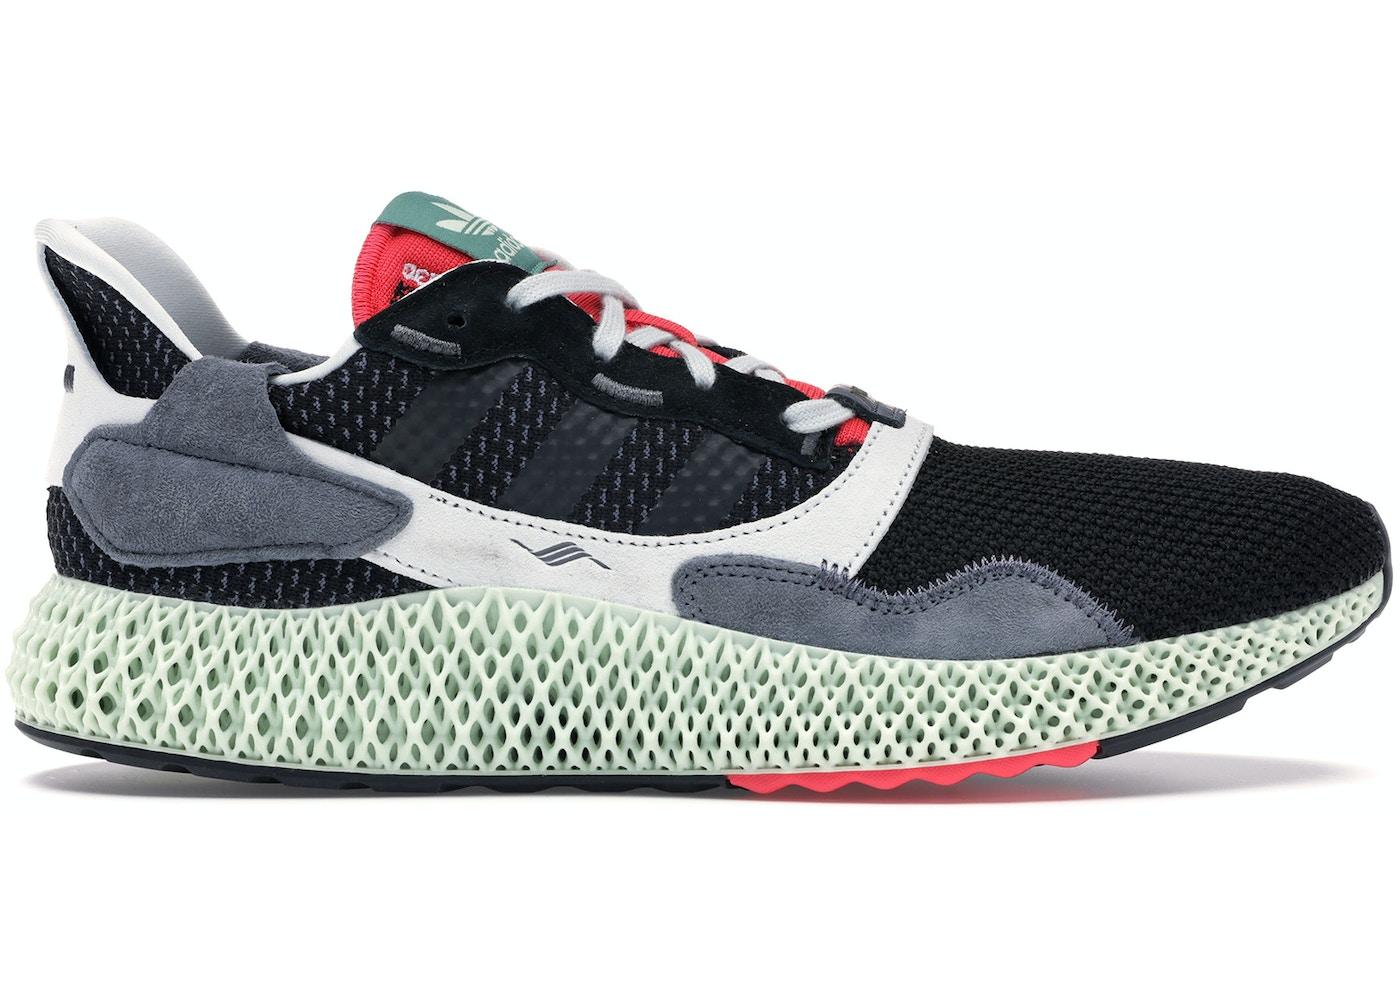 separation shoes a257c e909f adidas ZX4000 4D Black Onix